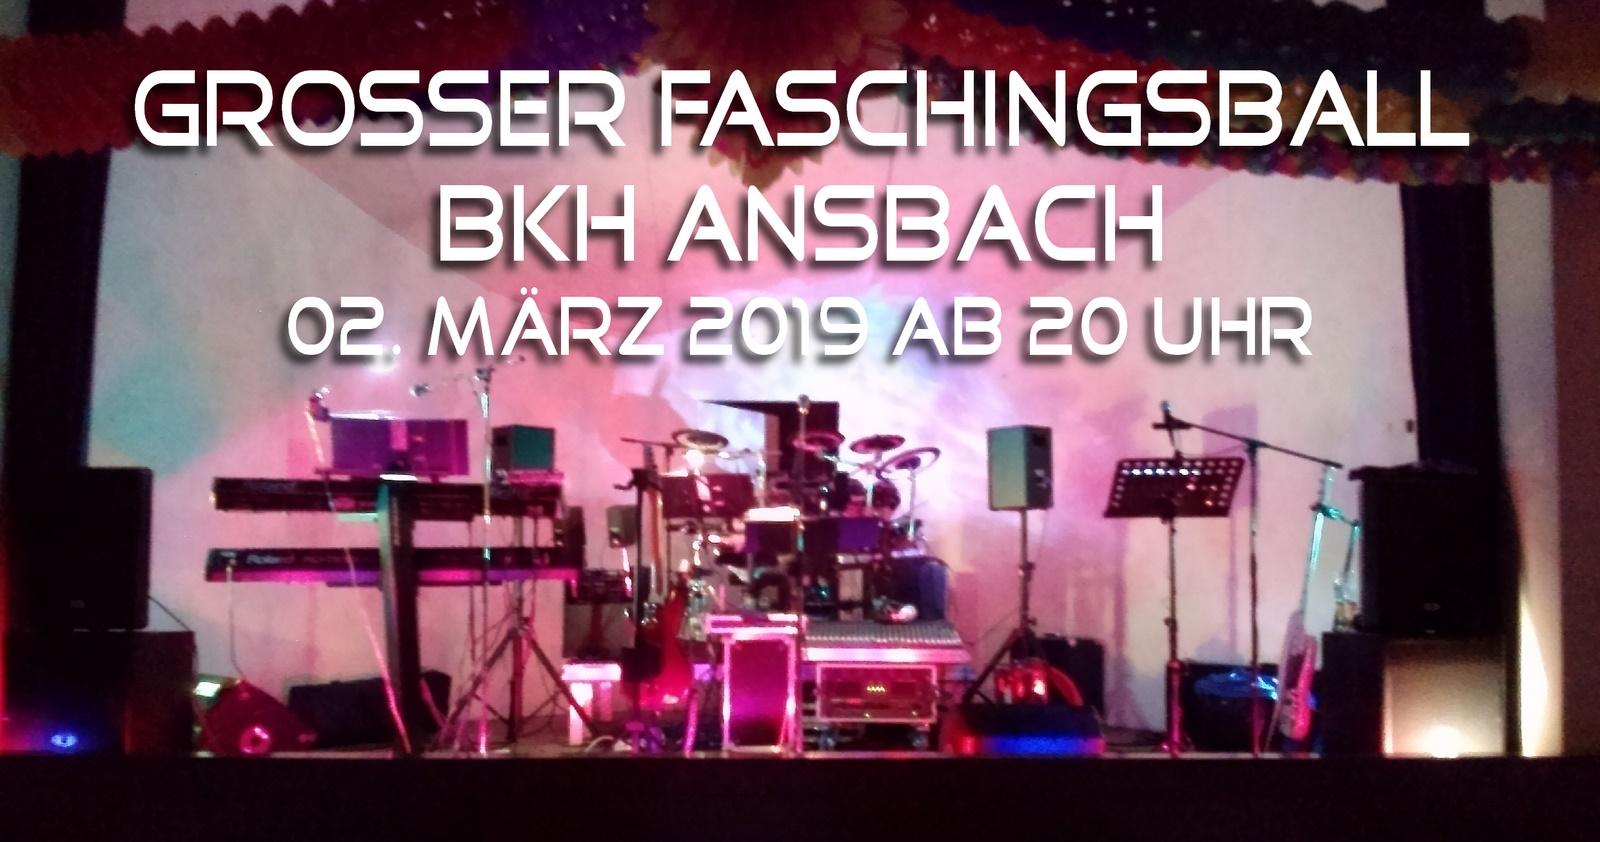 Faschingsball BKH Ansbach 2019 Veranstaltung